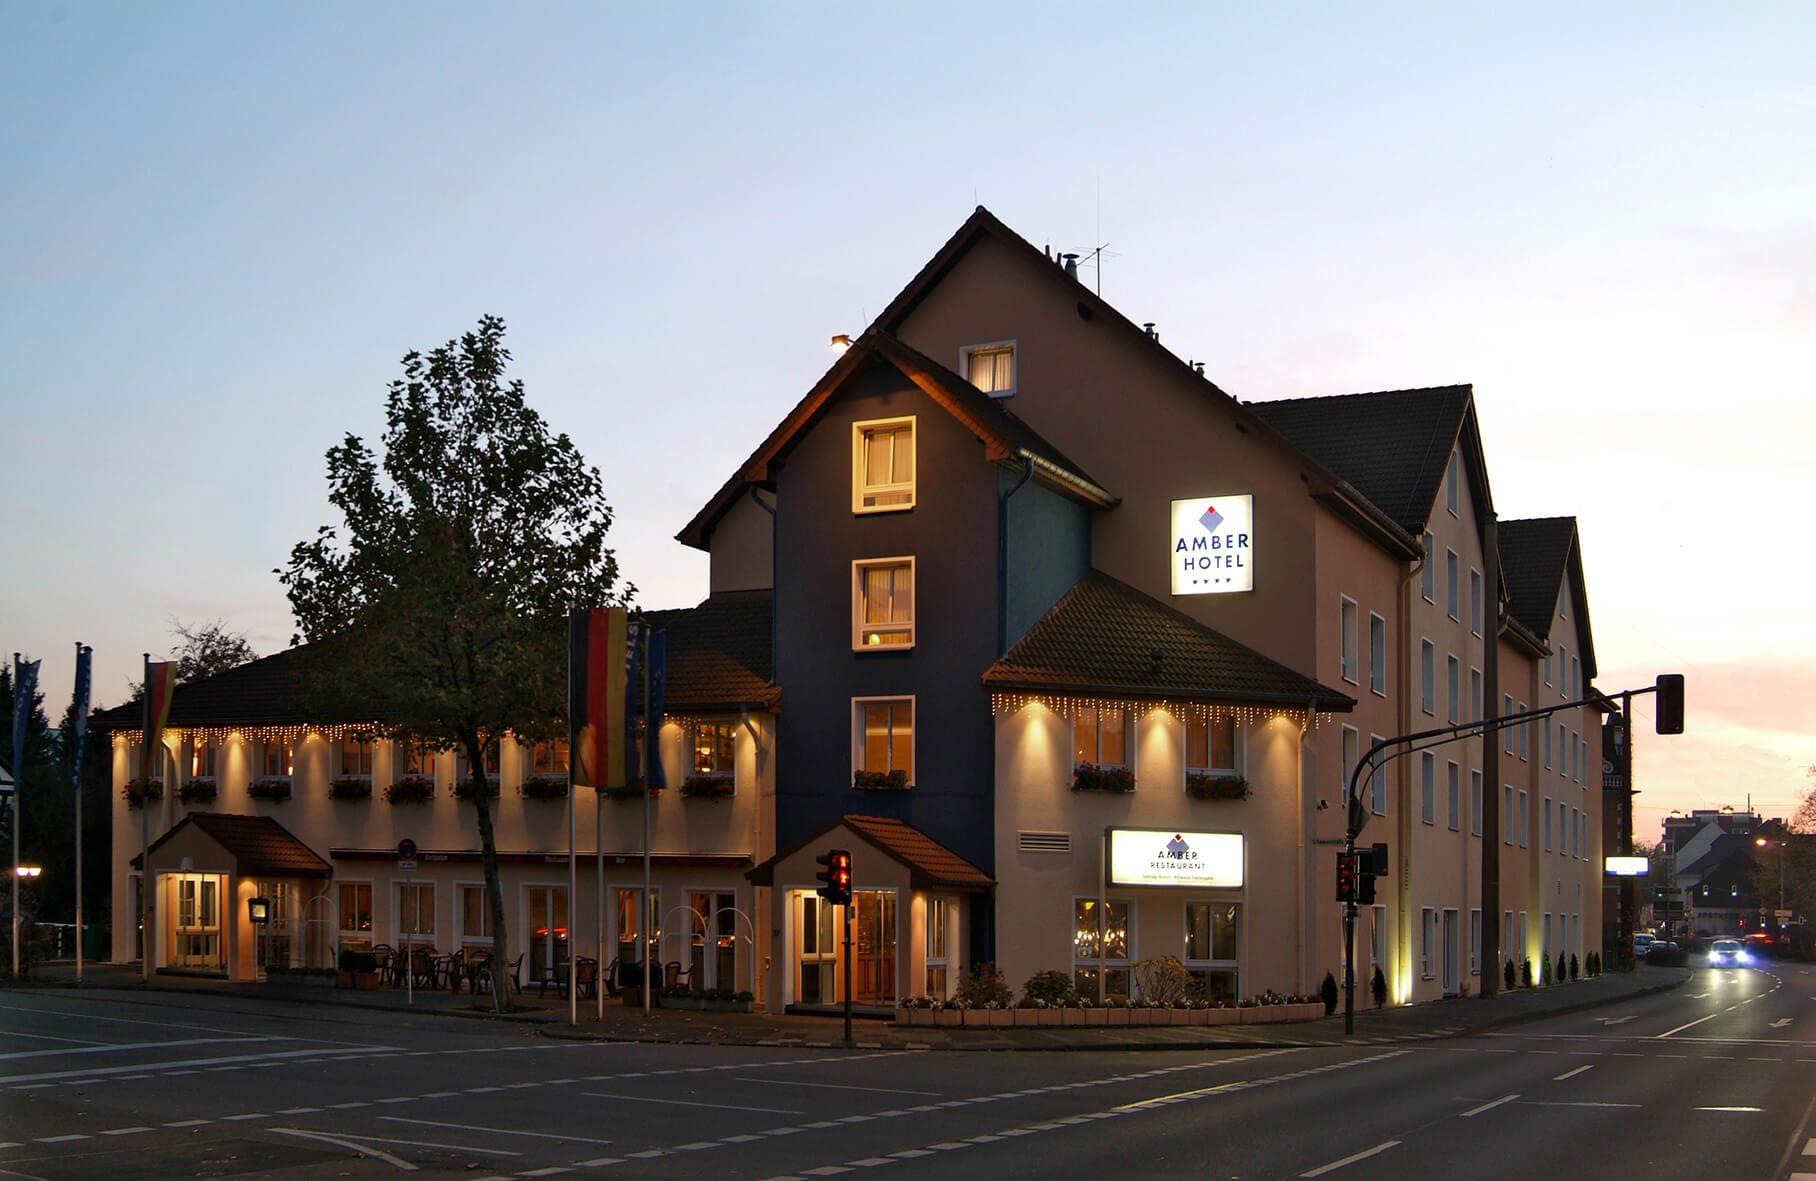 AMBER HOTEL Hilden/Düsseldorf Ansicht von außen, am Abend